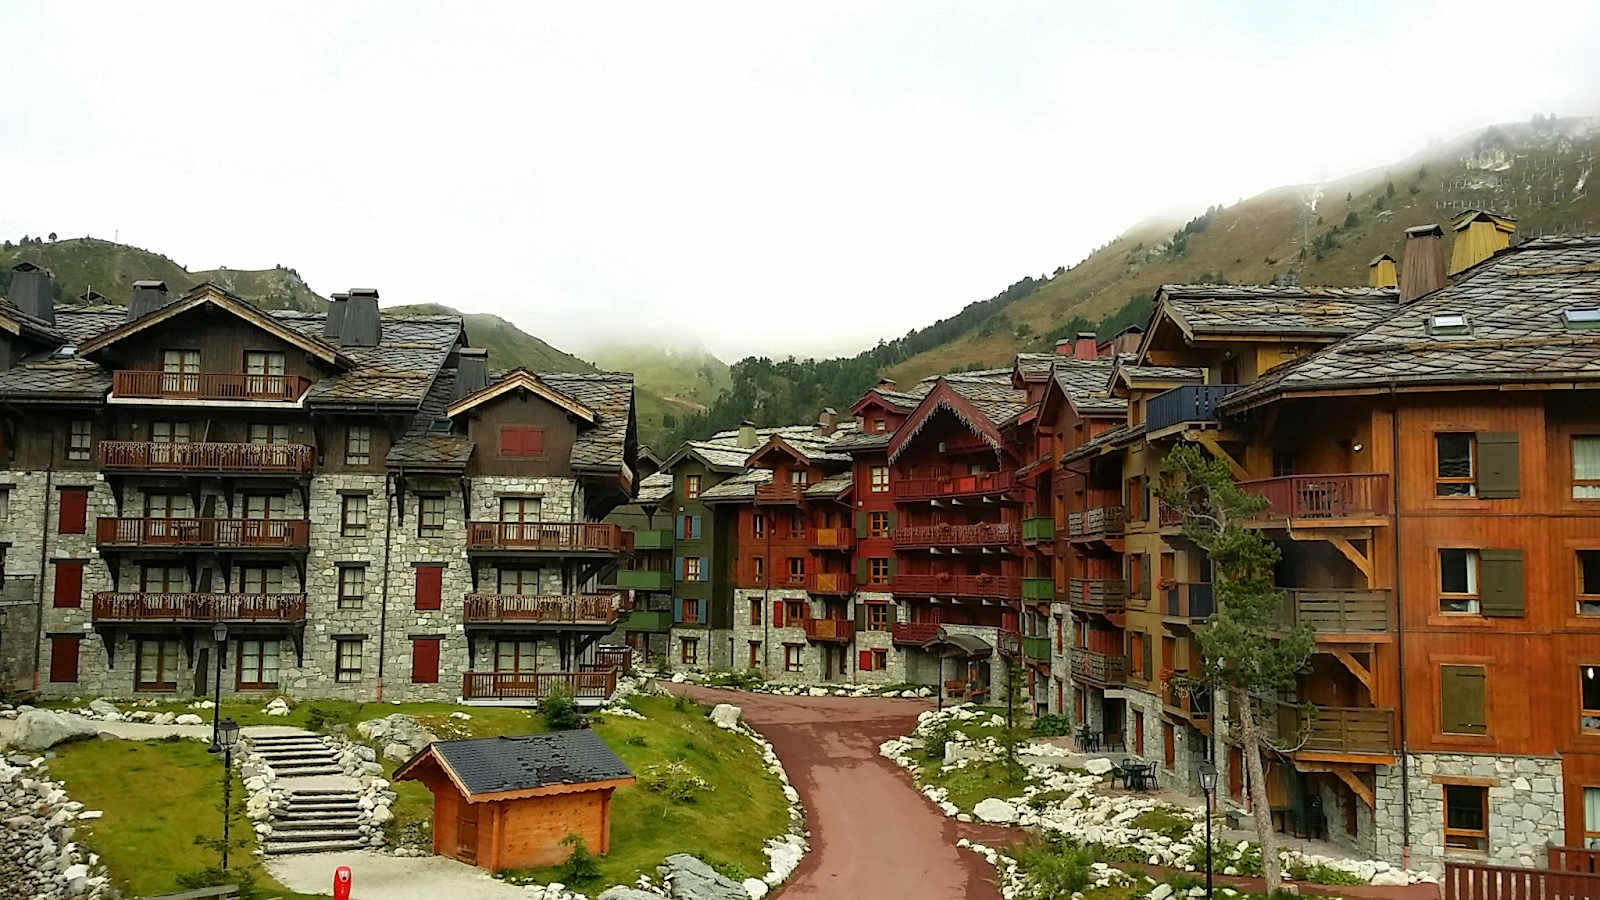 Les Arc skii area